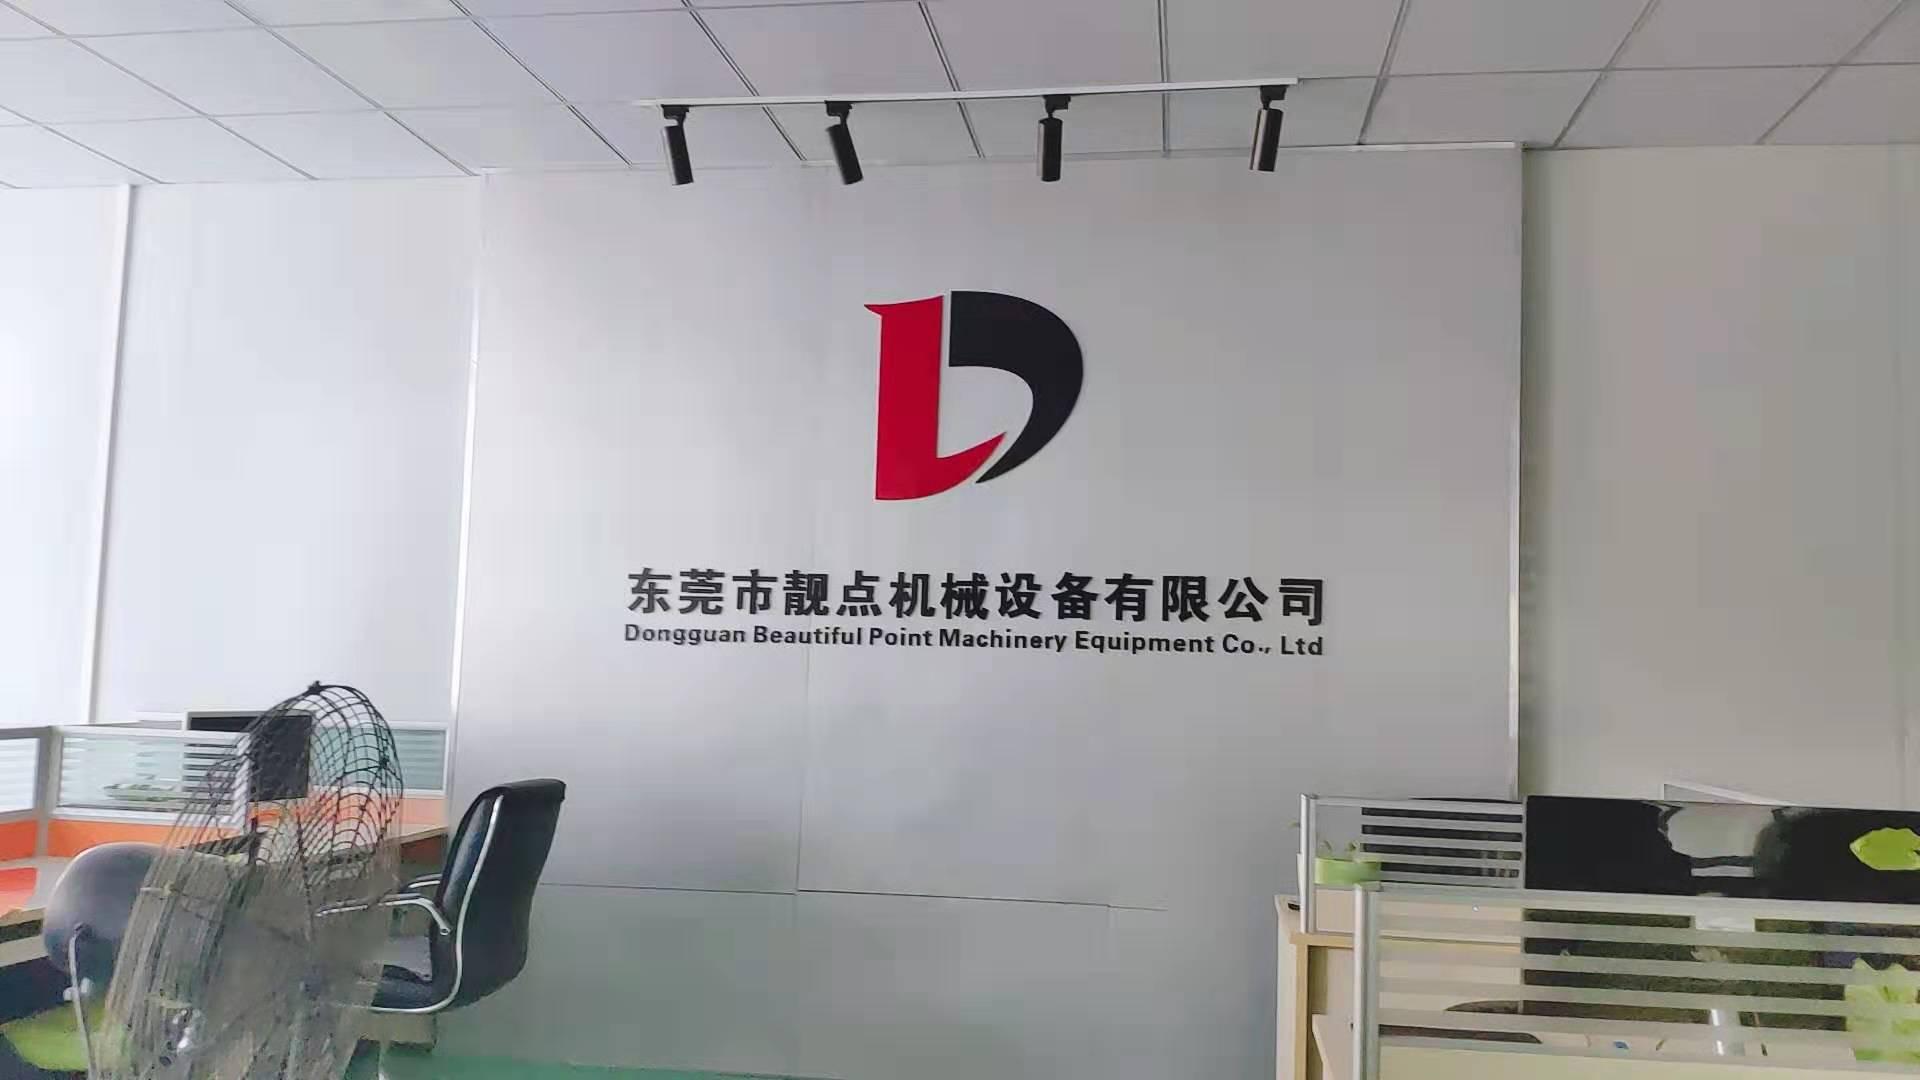 東莞市靚點機械設備有限公司